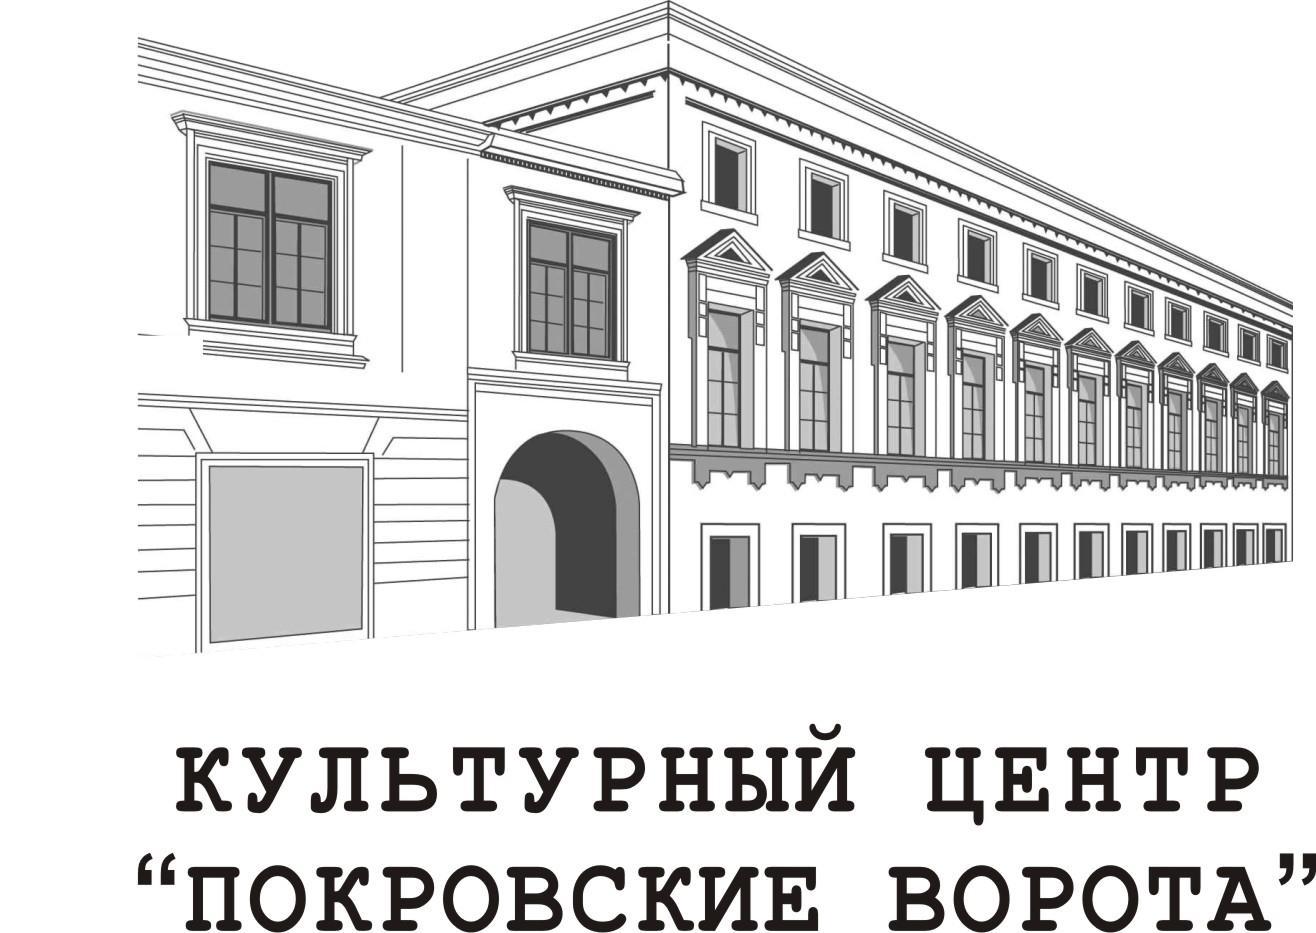 Международная конференция «Религия, СМИ и гражданское общество» состоялась в Москве